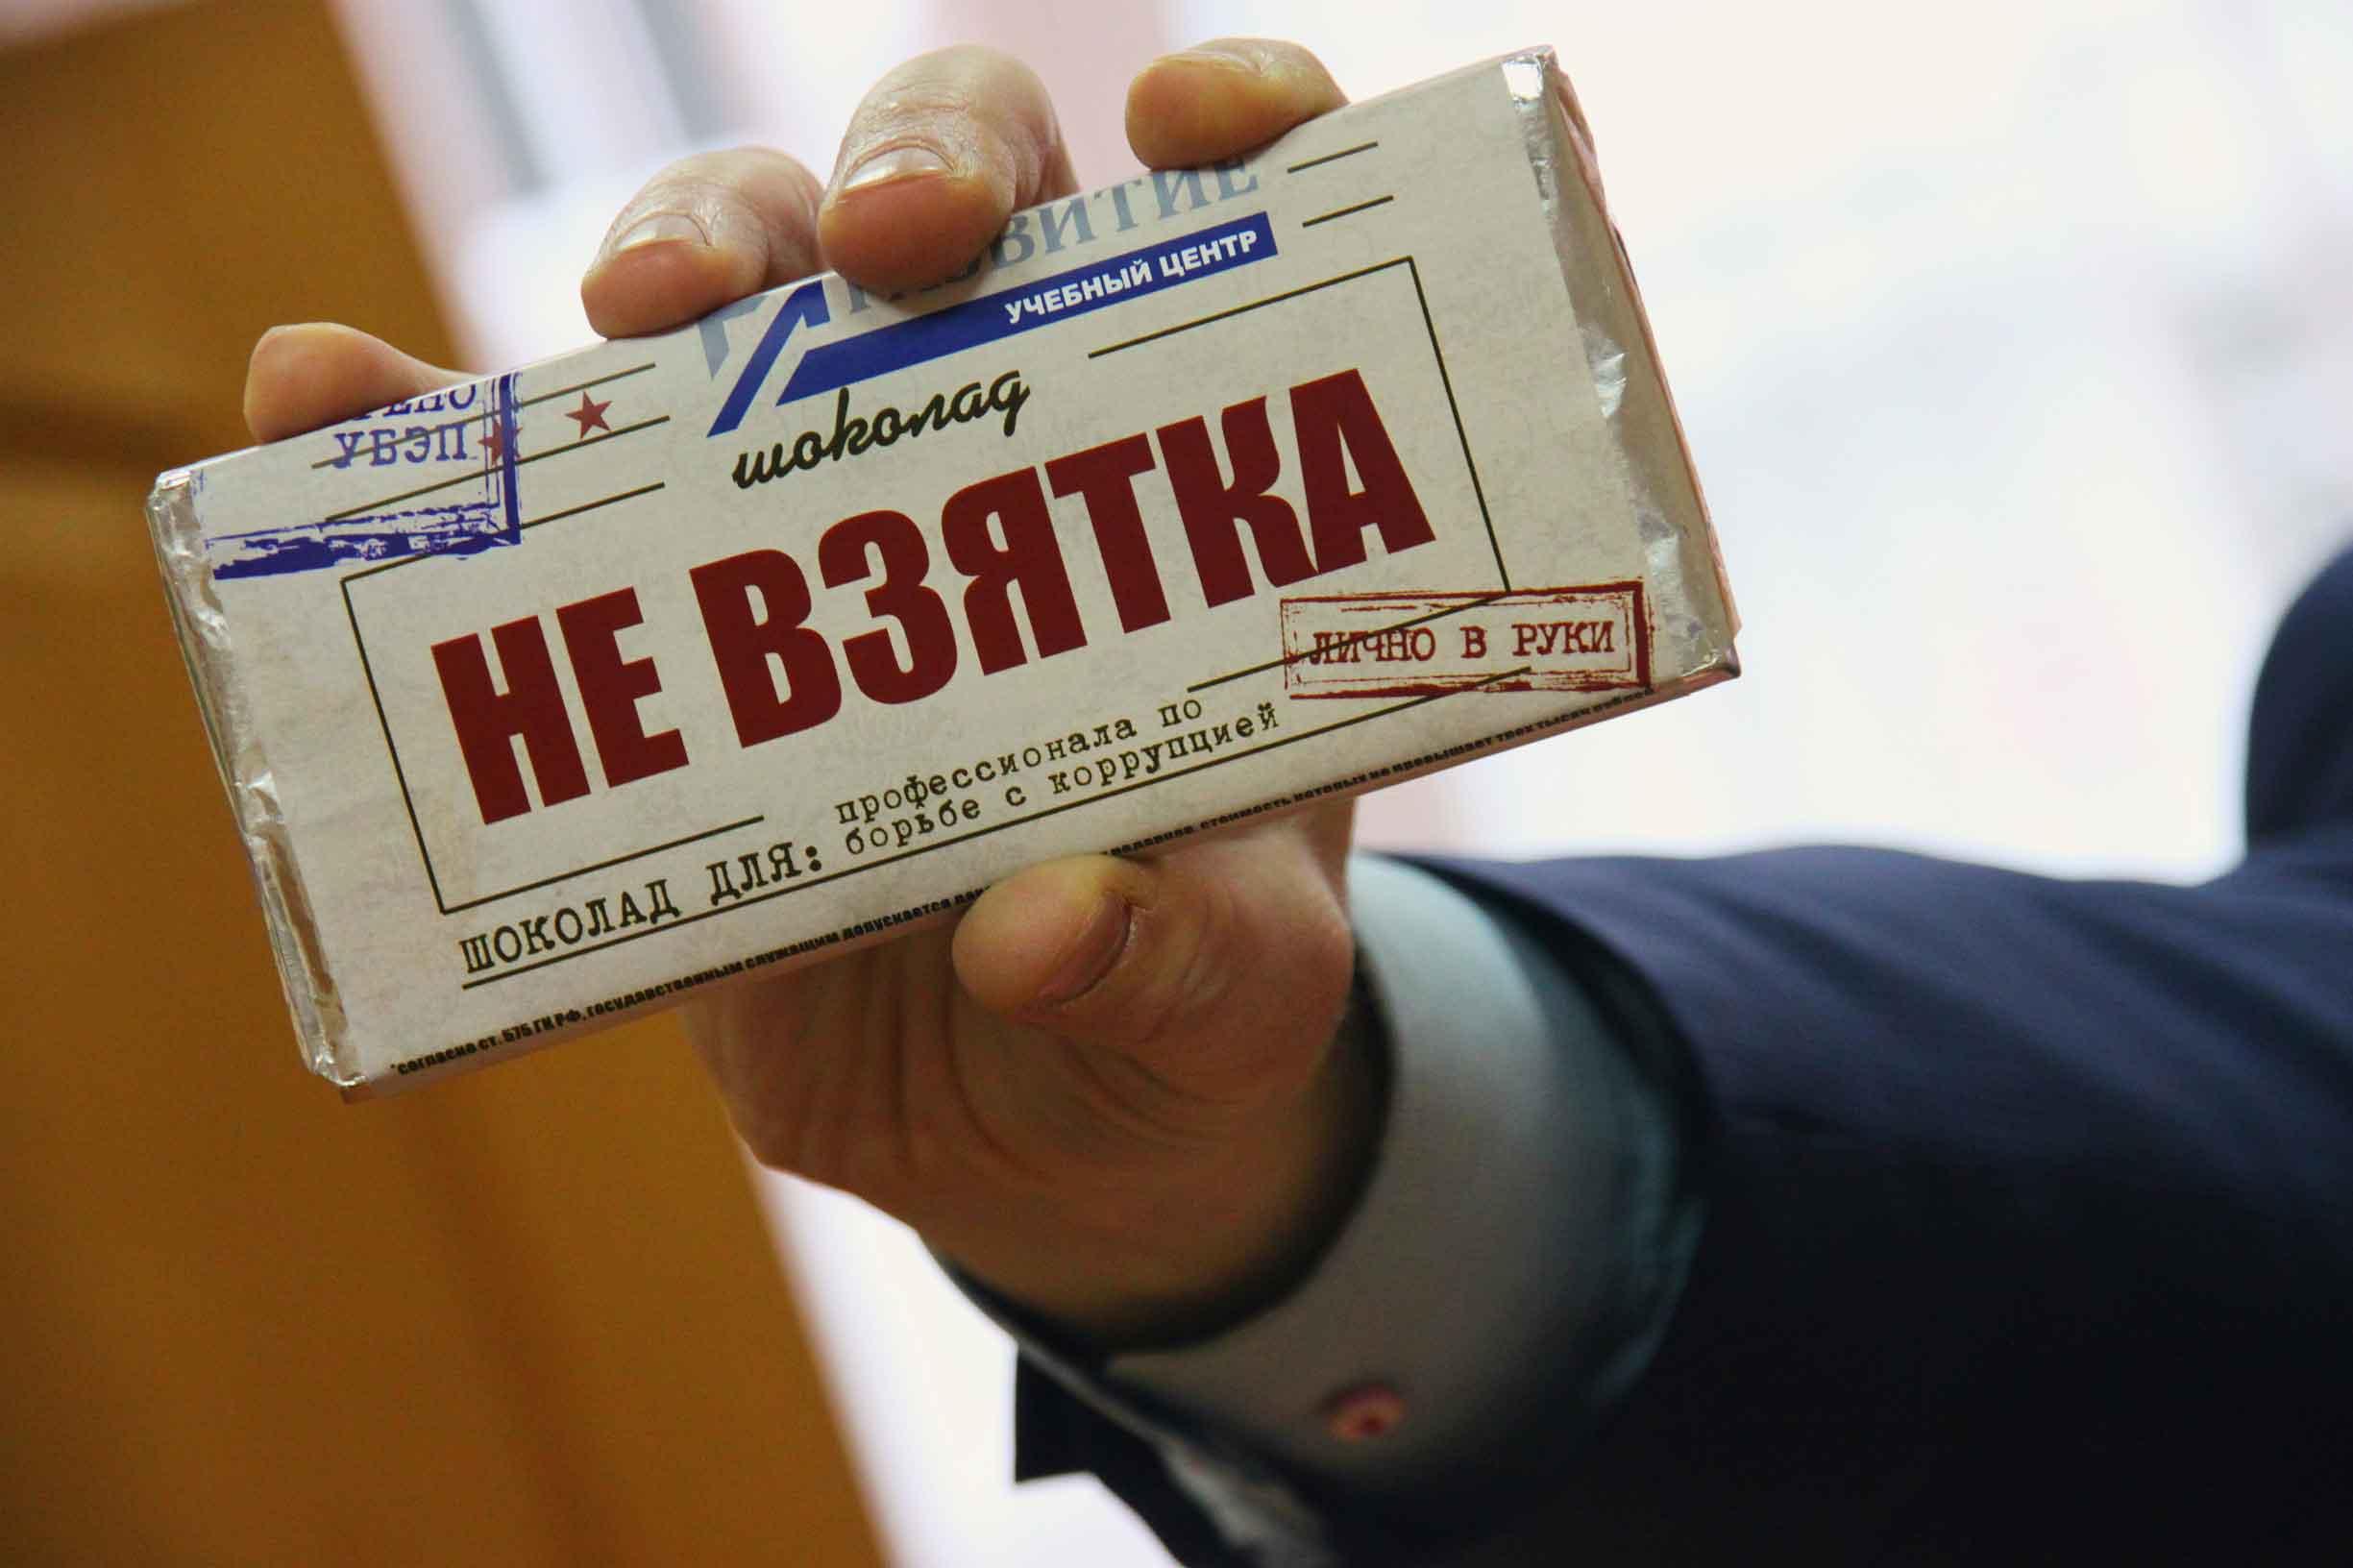 Полумиллионными штрафами облагают госслужащих за полученные в подарок конфеты и торты